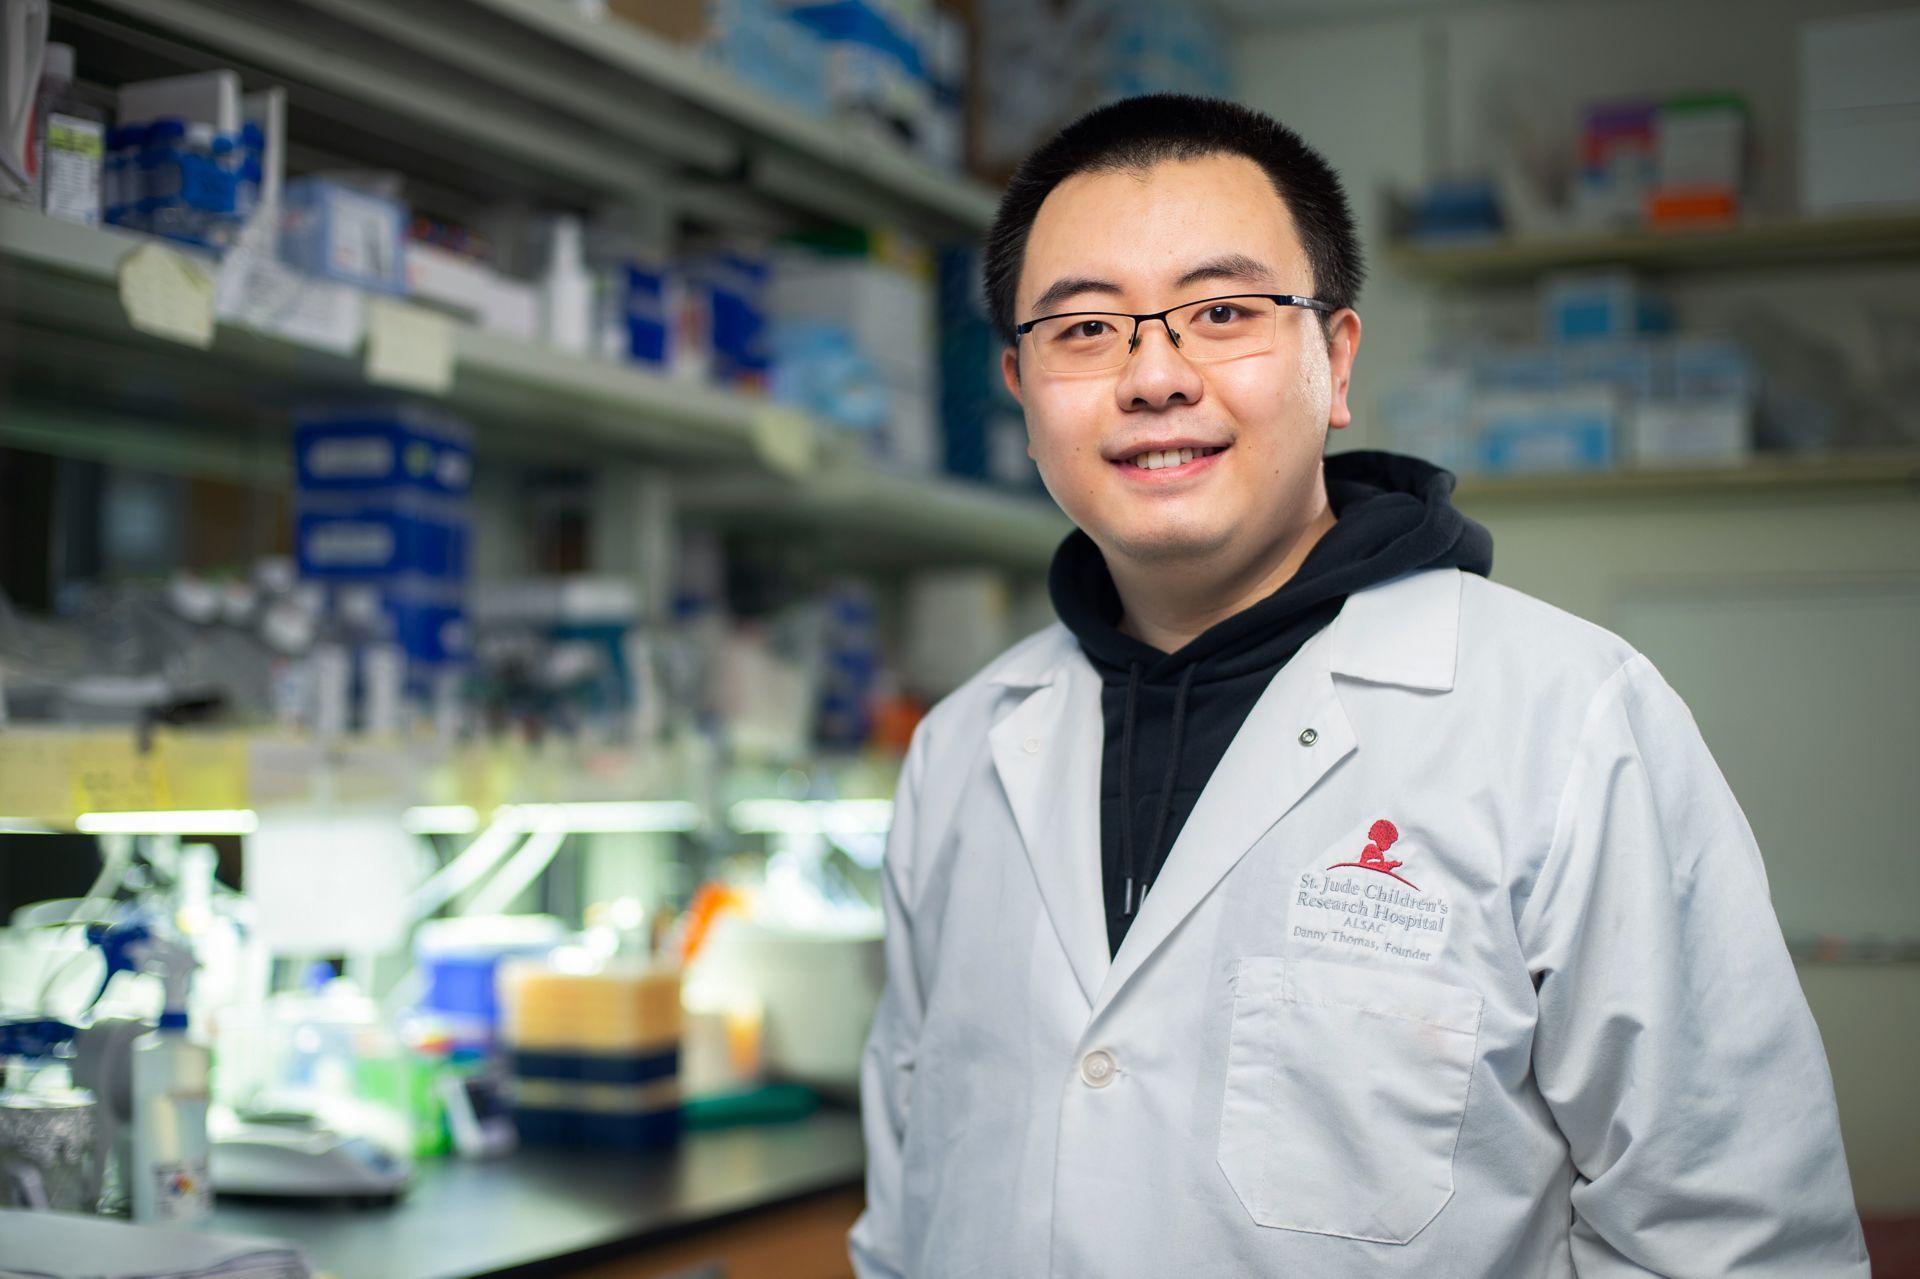 Xiaolei Hao, PhD